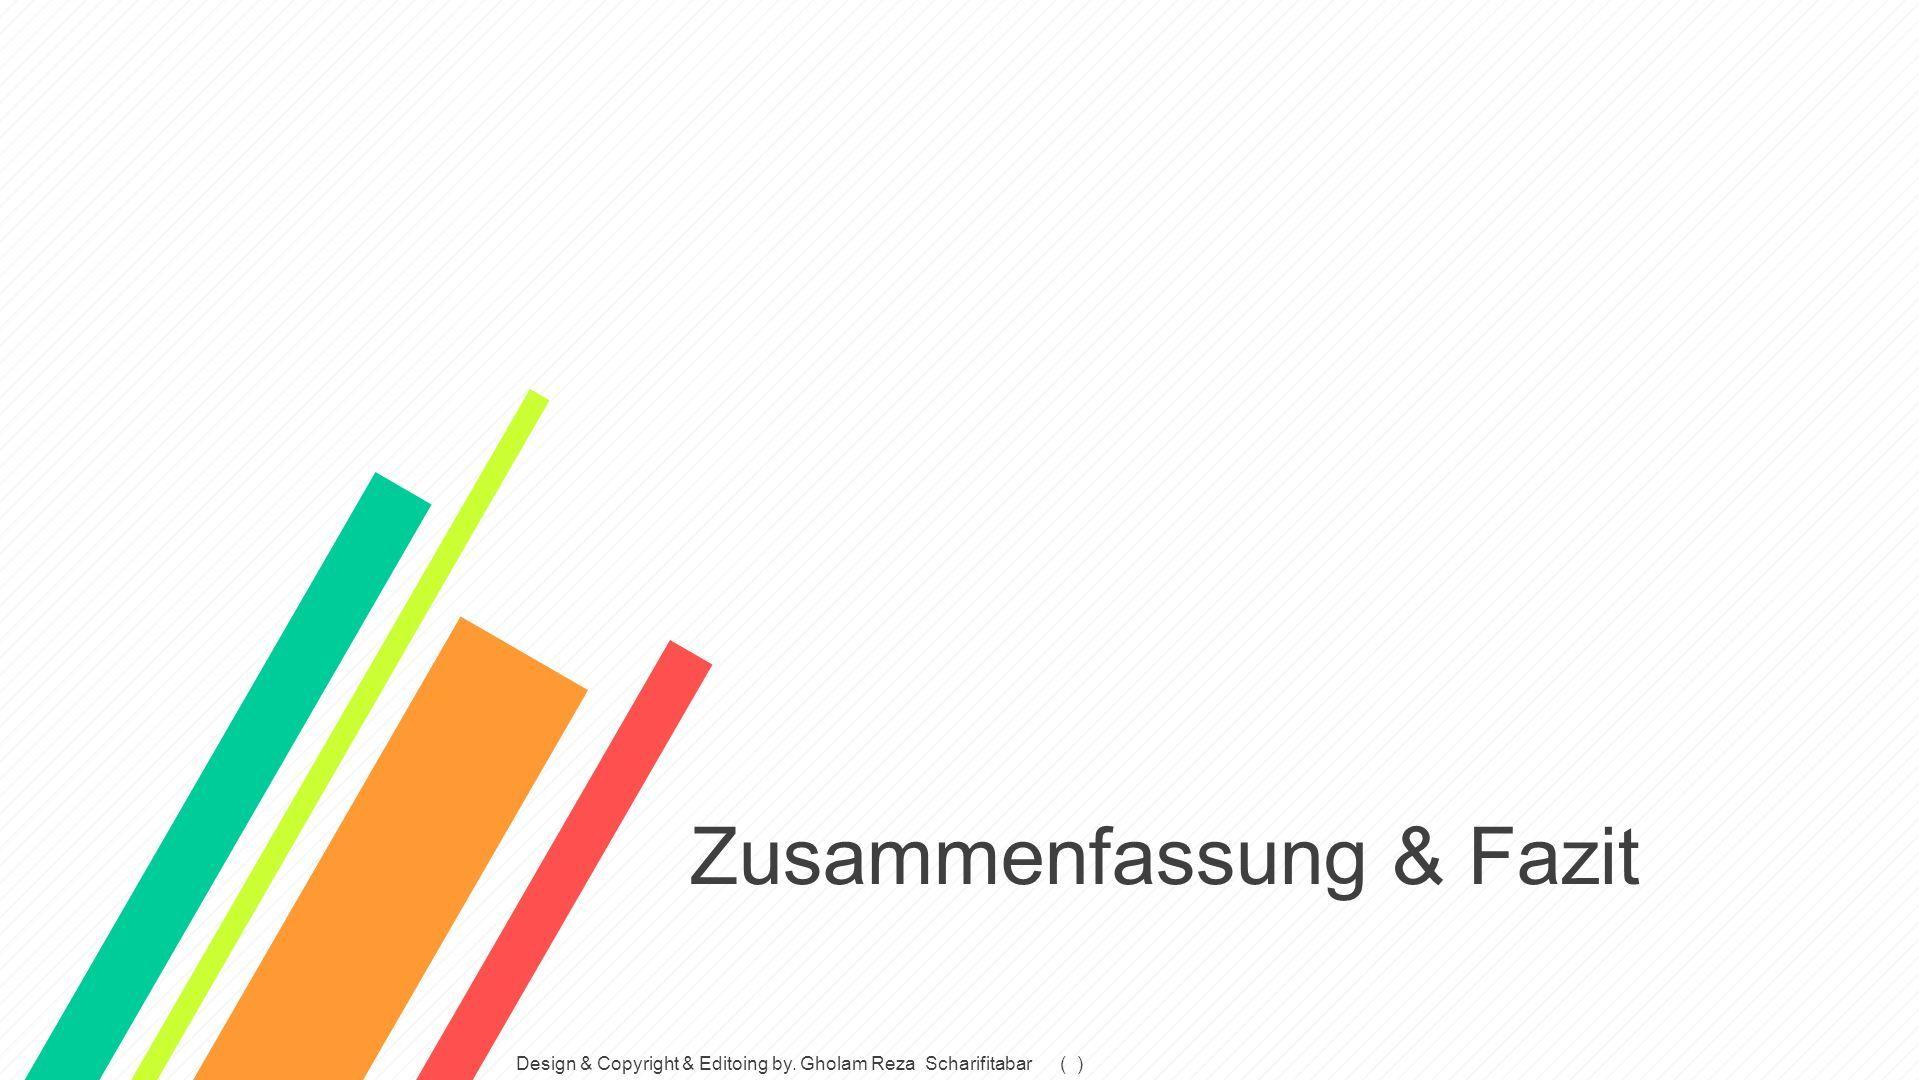 Zusammenfassung & Fazit Design & Copyright & Editoing by. Gholam Reza Scharifitabar ( )